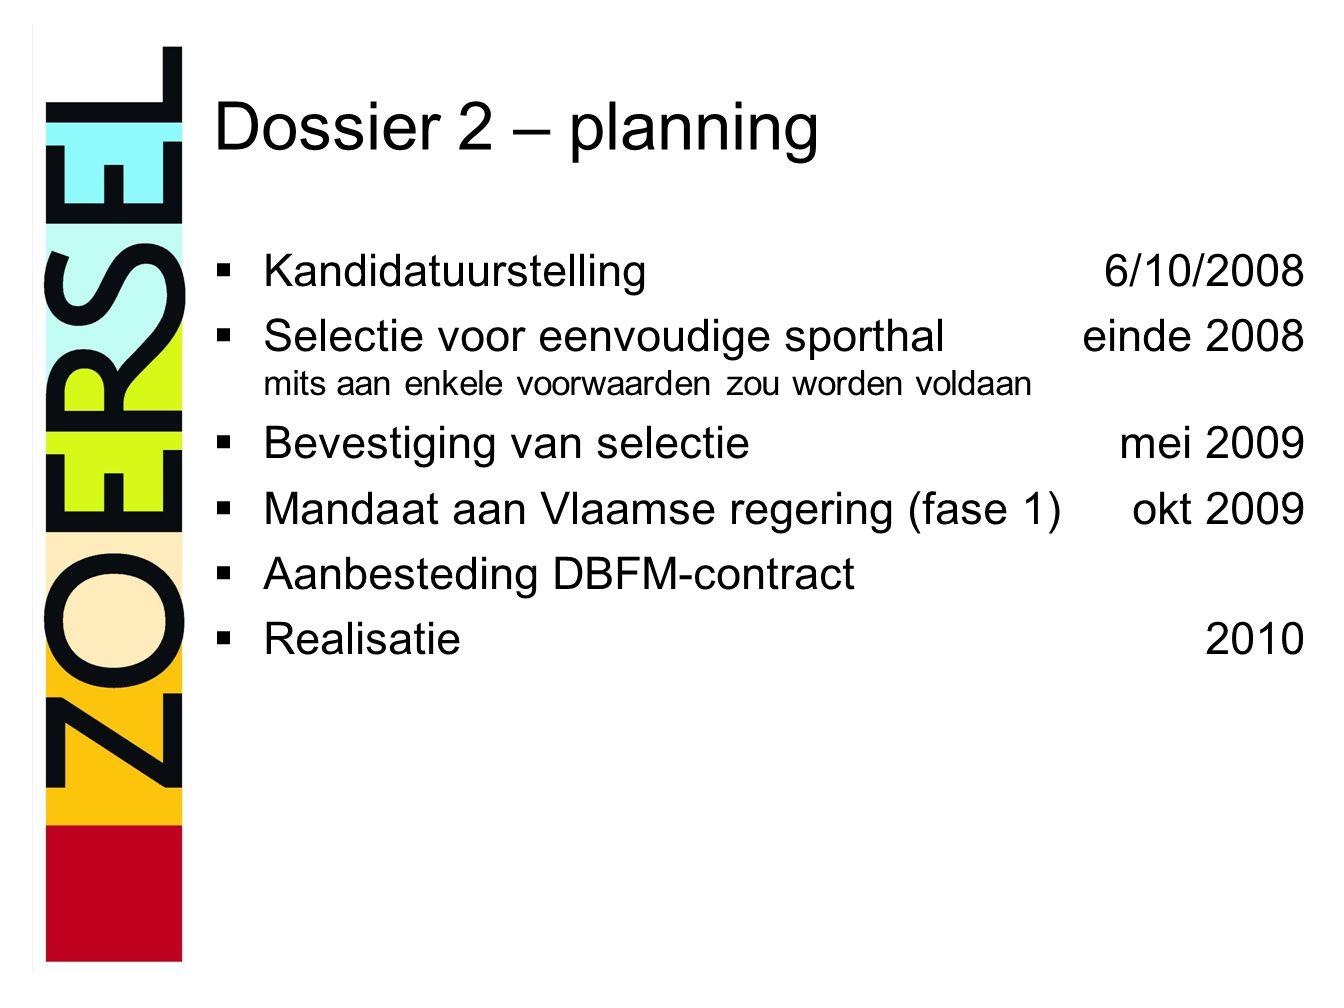 Dossier 2 – planning  Kandidatuurstelling6/10/2008  Selectie voor eenvoudige sporthaleinde 2008 mits aan enkele voorwaarden zou worden voldaan  Bevestiging van selectiemei 2009  Mandaat aan Vlaamse regering (fase 1)okt 2009  Aanbesteding DBFM-contract  Realisatie2010